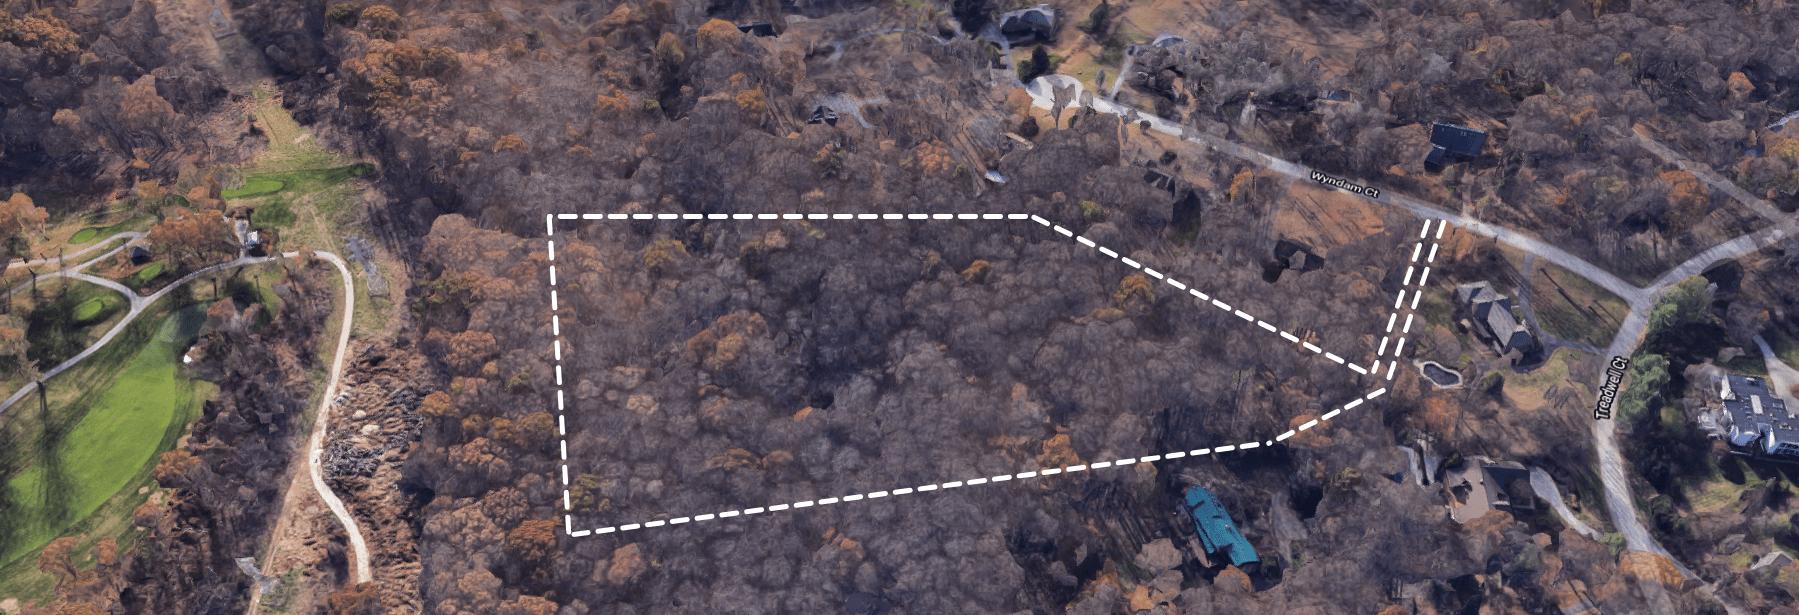 5 Wyndam- Site Map (5)